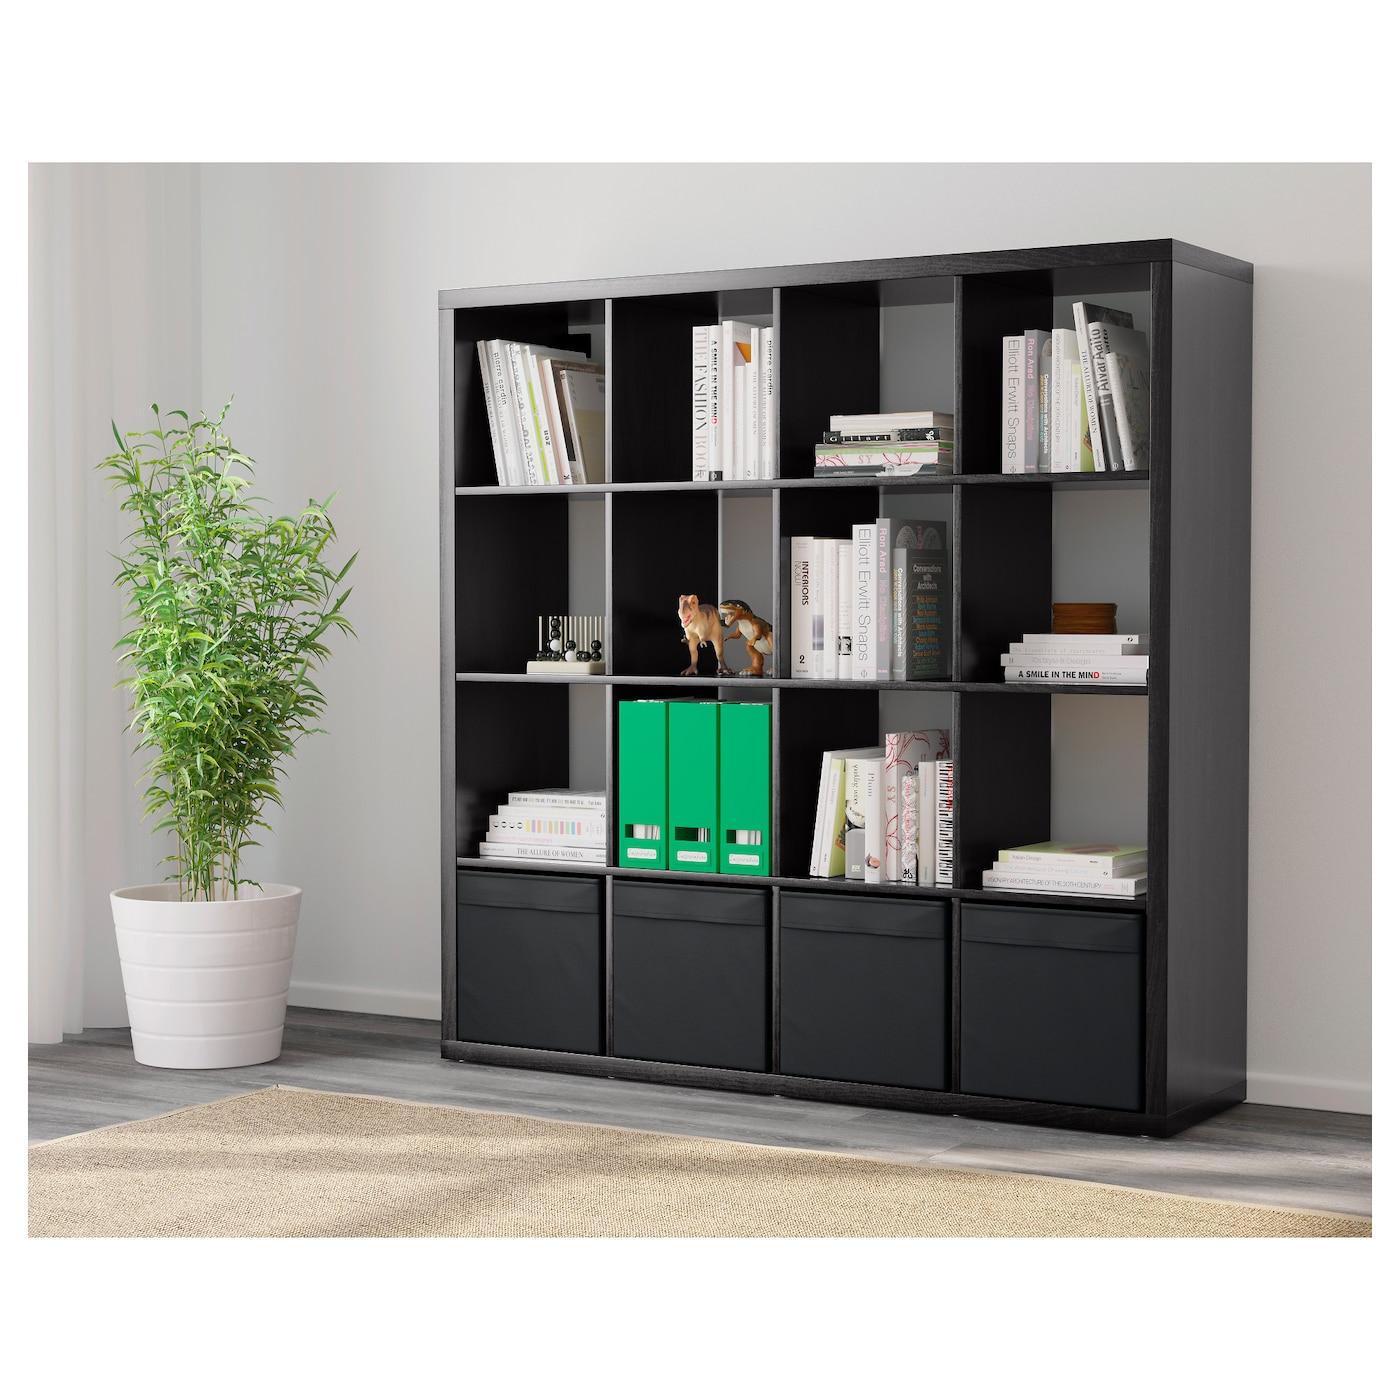 kallax tag re avec 4 accessoires brun noir 147x147 cm ikea. Black Bedroom Furniture Sets. Home Design Ideas